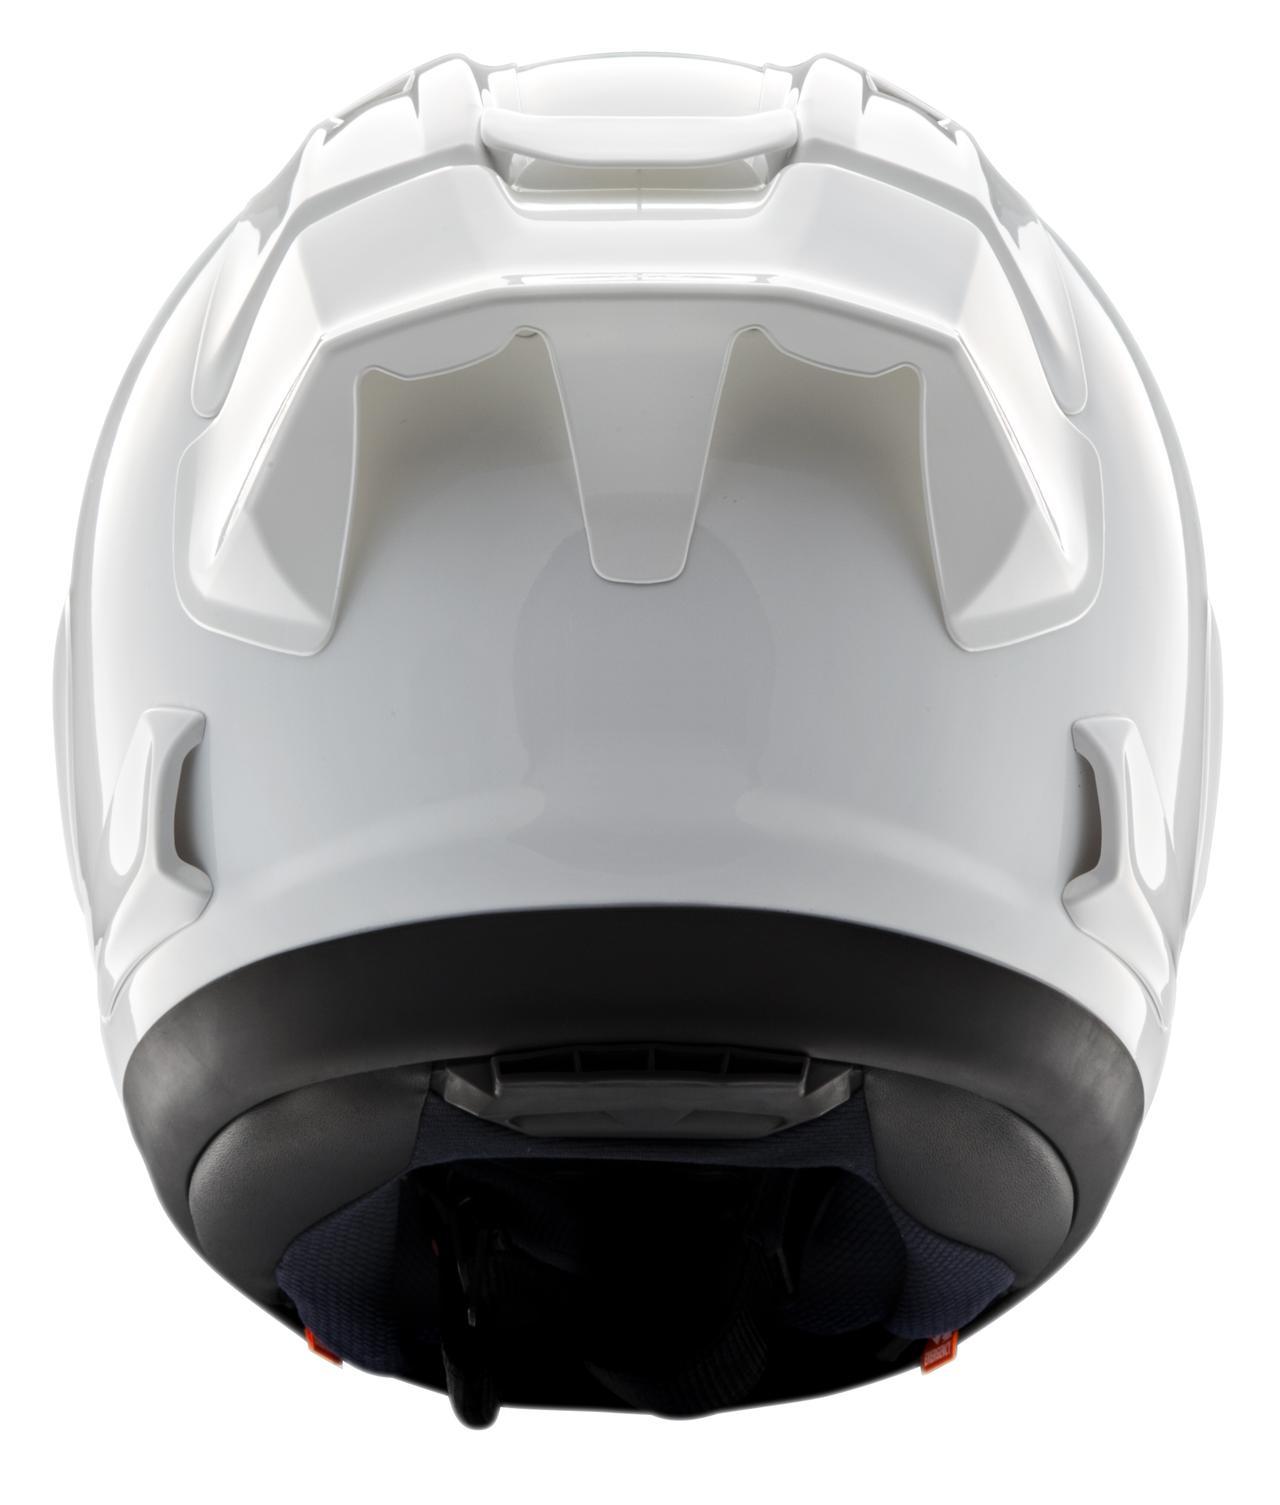 Images : 3番目の画像 - アライヘルメット「RX-7X FIM Racing #1」の写真をもっと見る! - webオートバイ